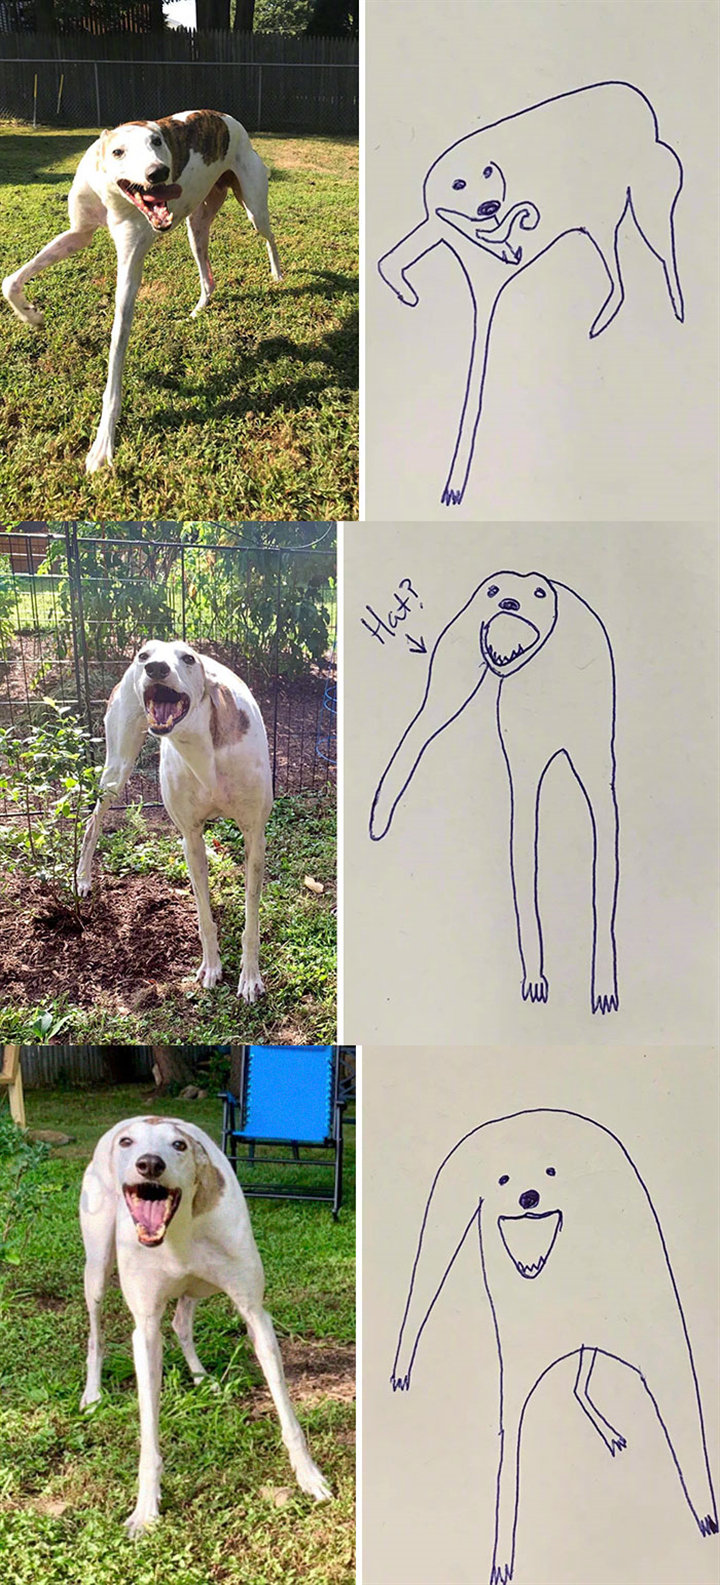 国外一位狗主人po出自己随便画的怪异狗子涂鸦,没想到竟然意外走红